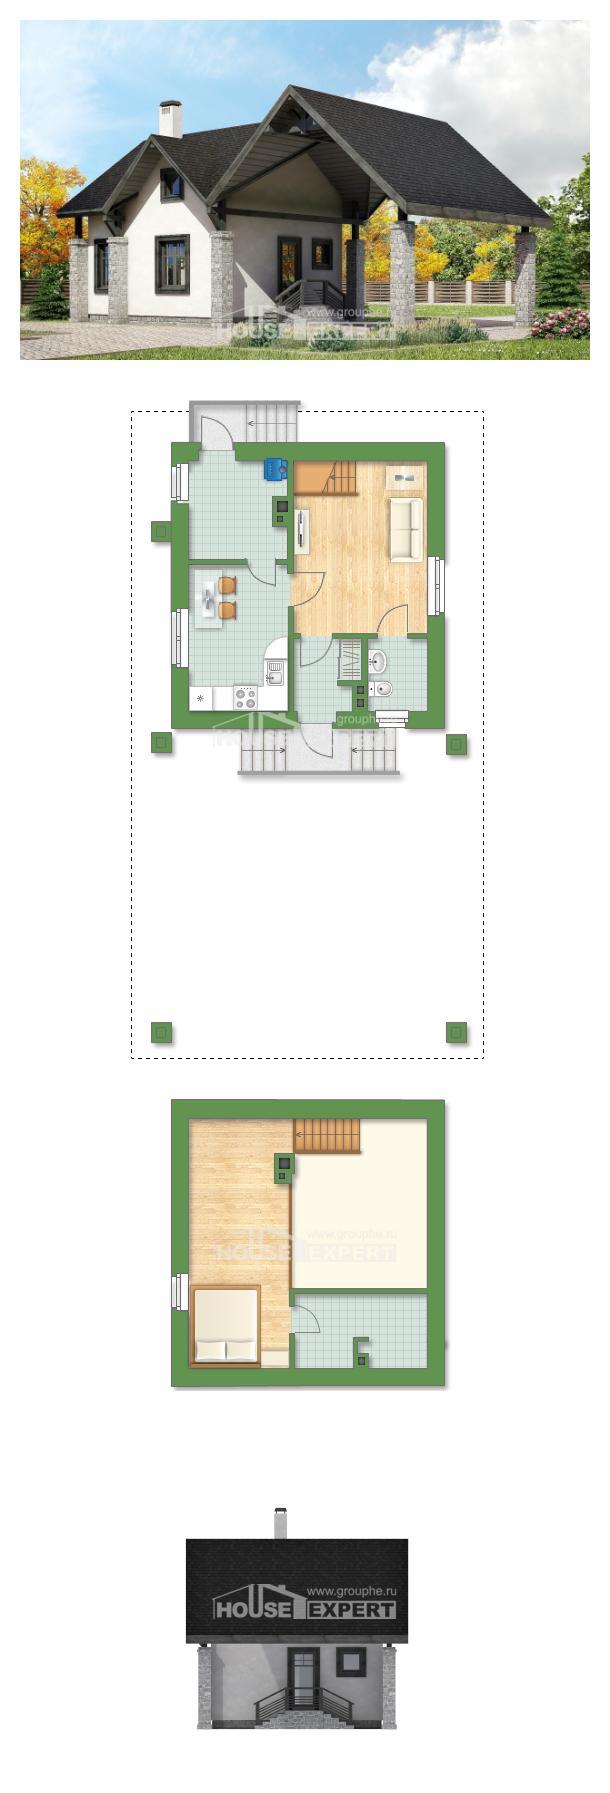 Проект дома 060-001-П | House Expert